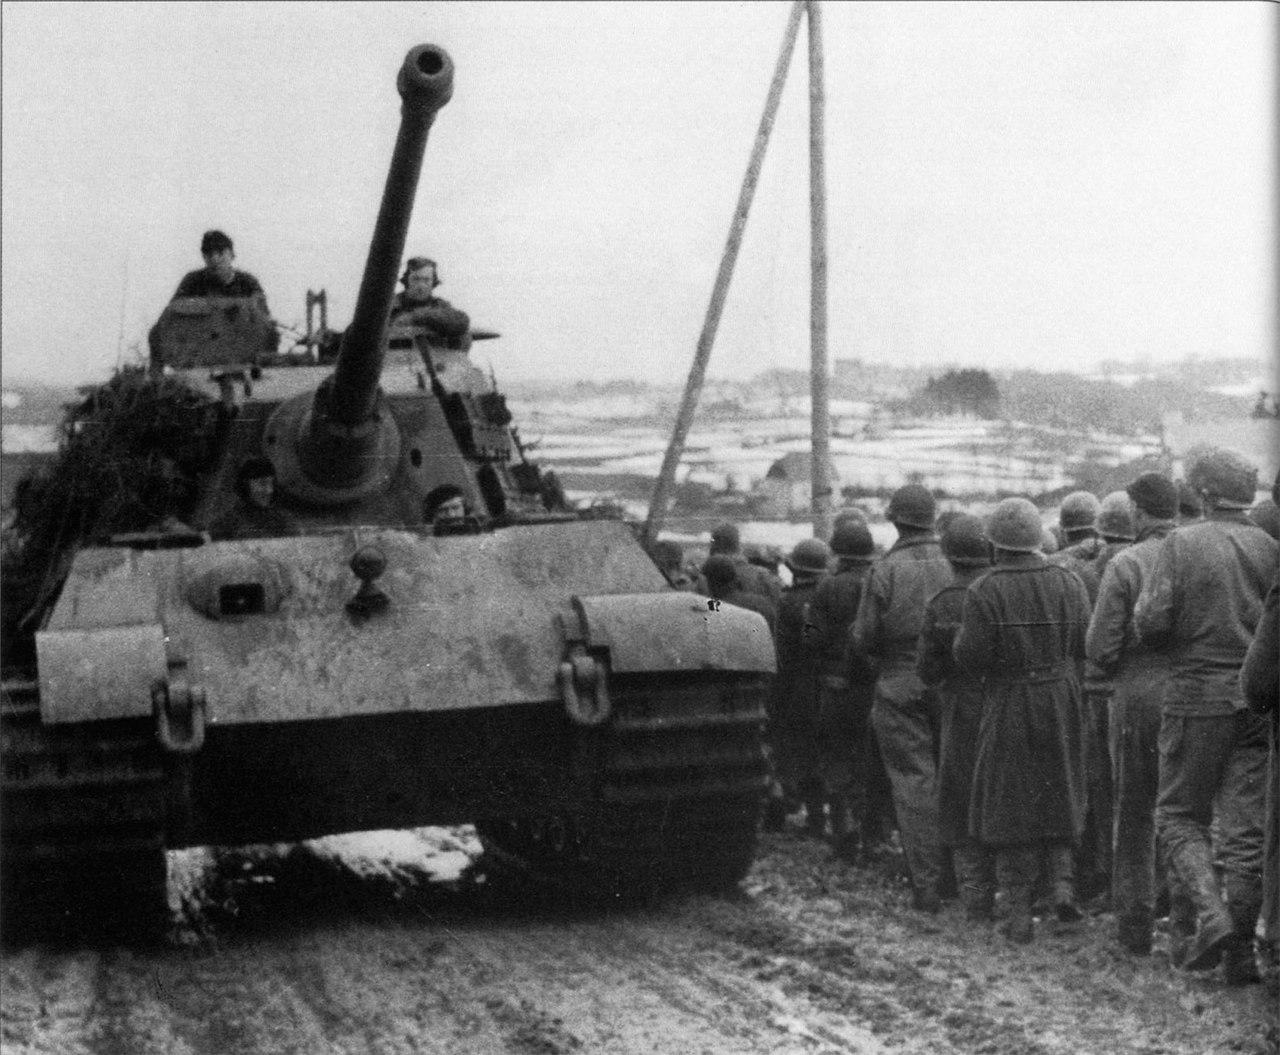 Тяжелый танк Pz.Kpfw. VI Ausf. B «Королевский Тигр» 501-го тяжелого танкового батальона СС, входивший в состав боевой группы Пайпер , едет вдоль колонны пленных солдат 99-й пехотной дивизии США в Бельгии. 1944 г.